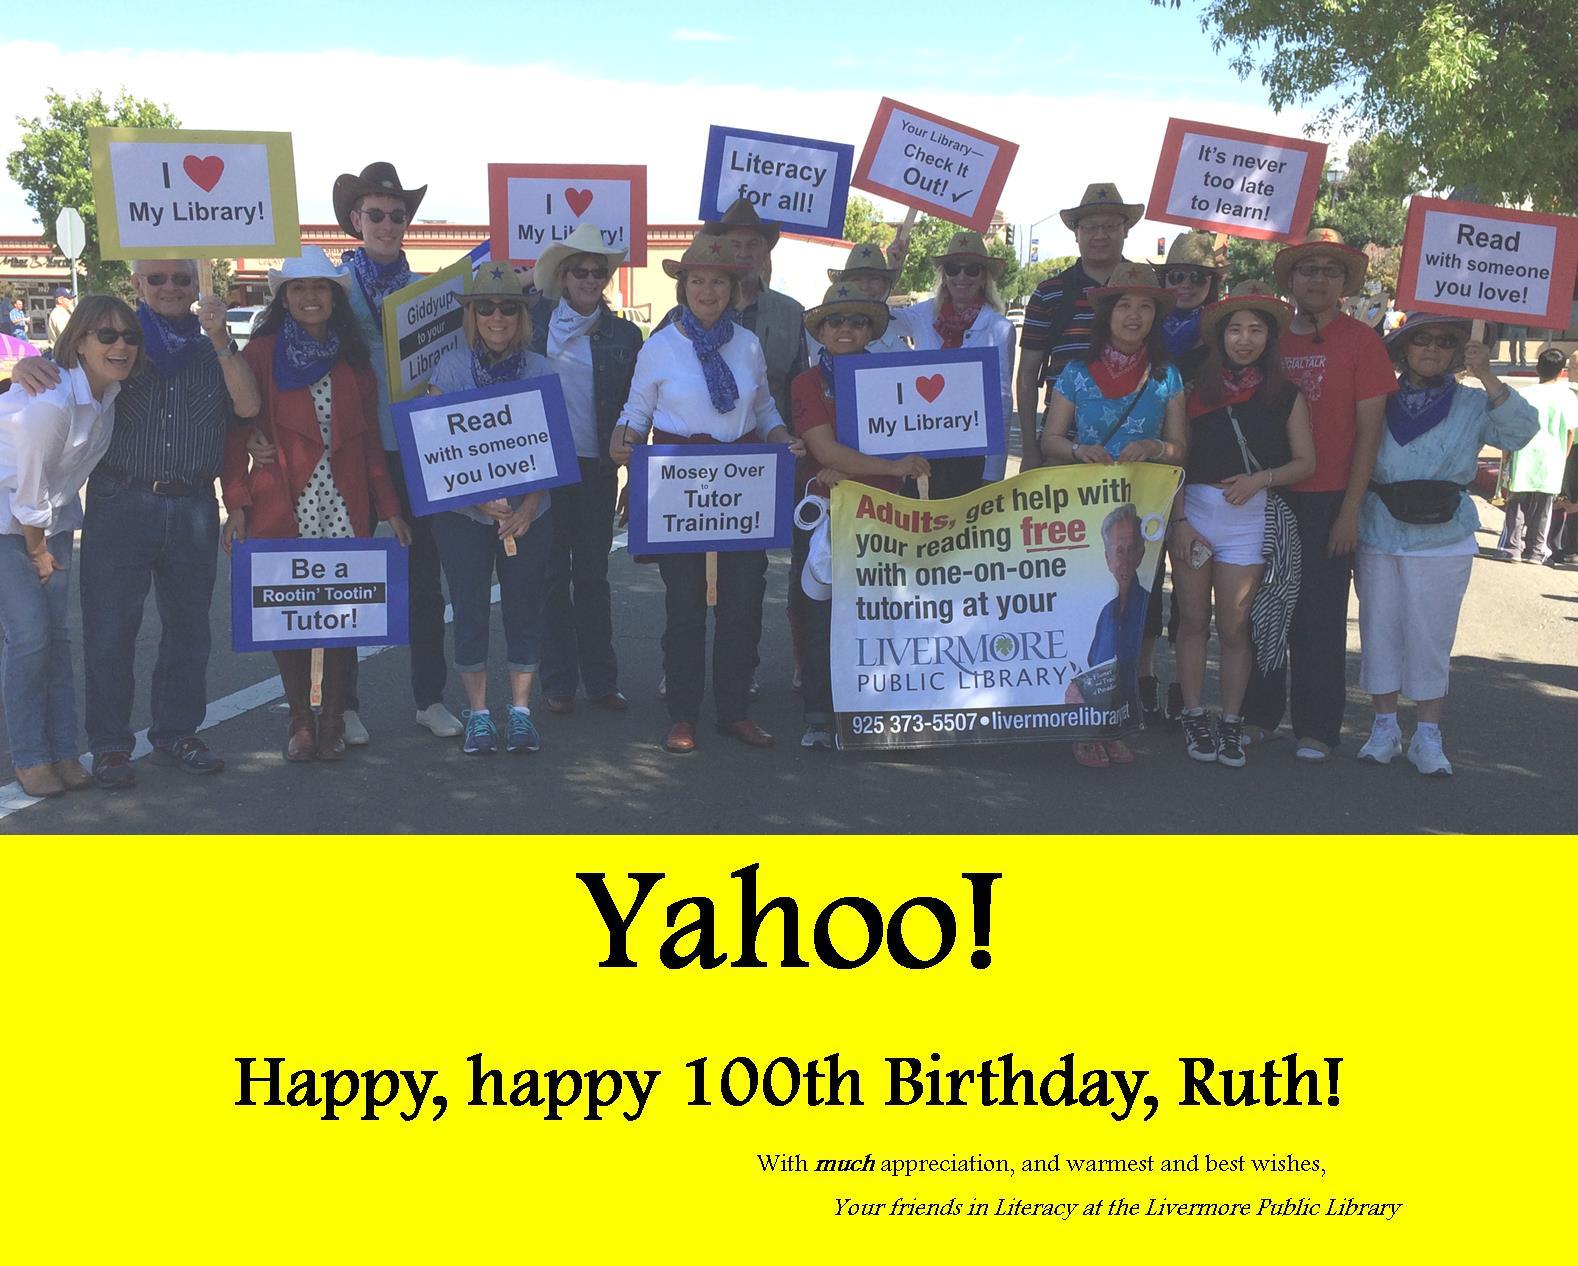 Livermore Public Library celebrates Ruth Colvin's birthday.